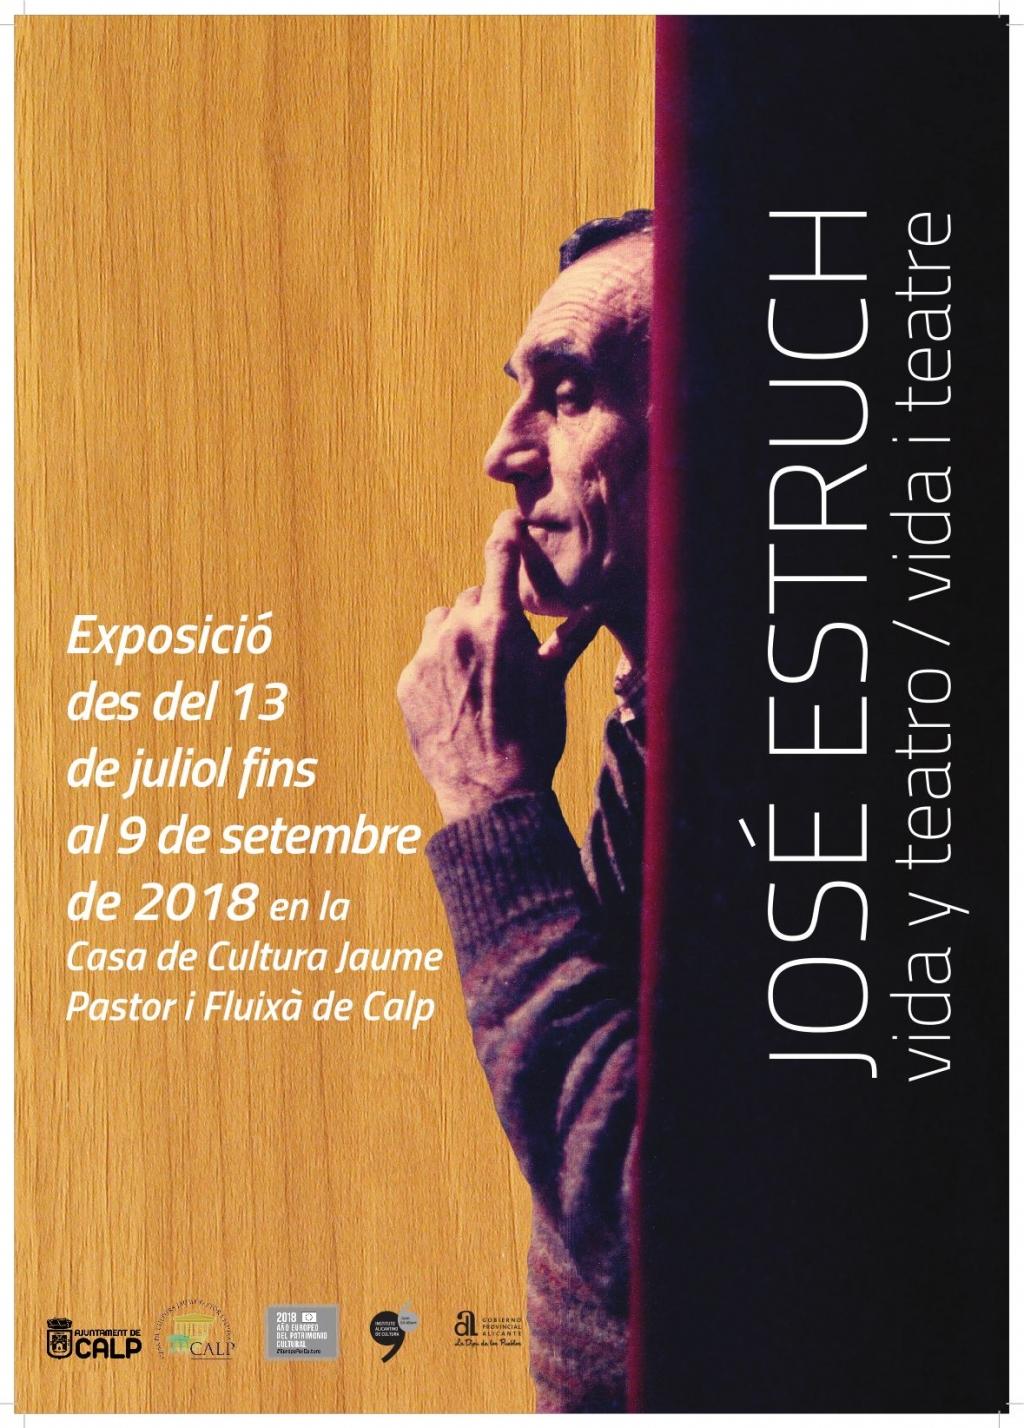 Exhibitions in Calpe: Casa de Cultura